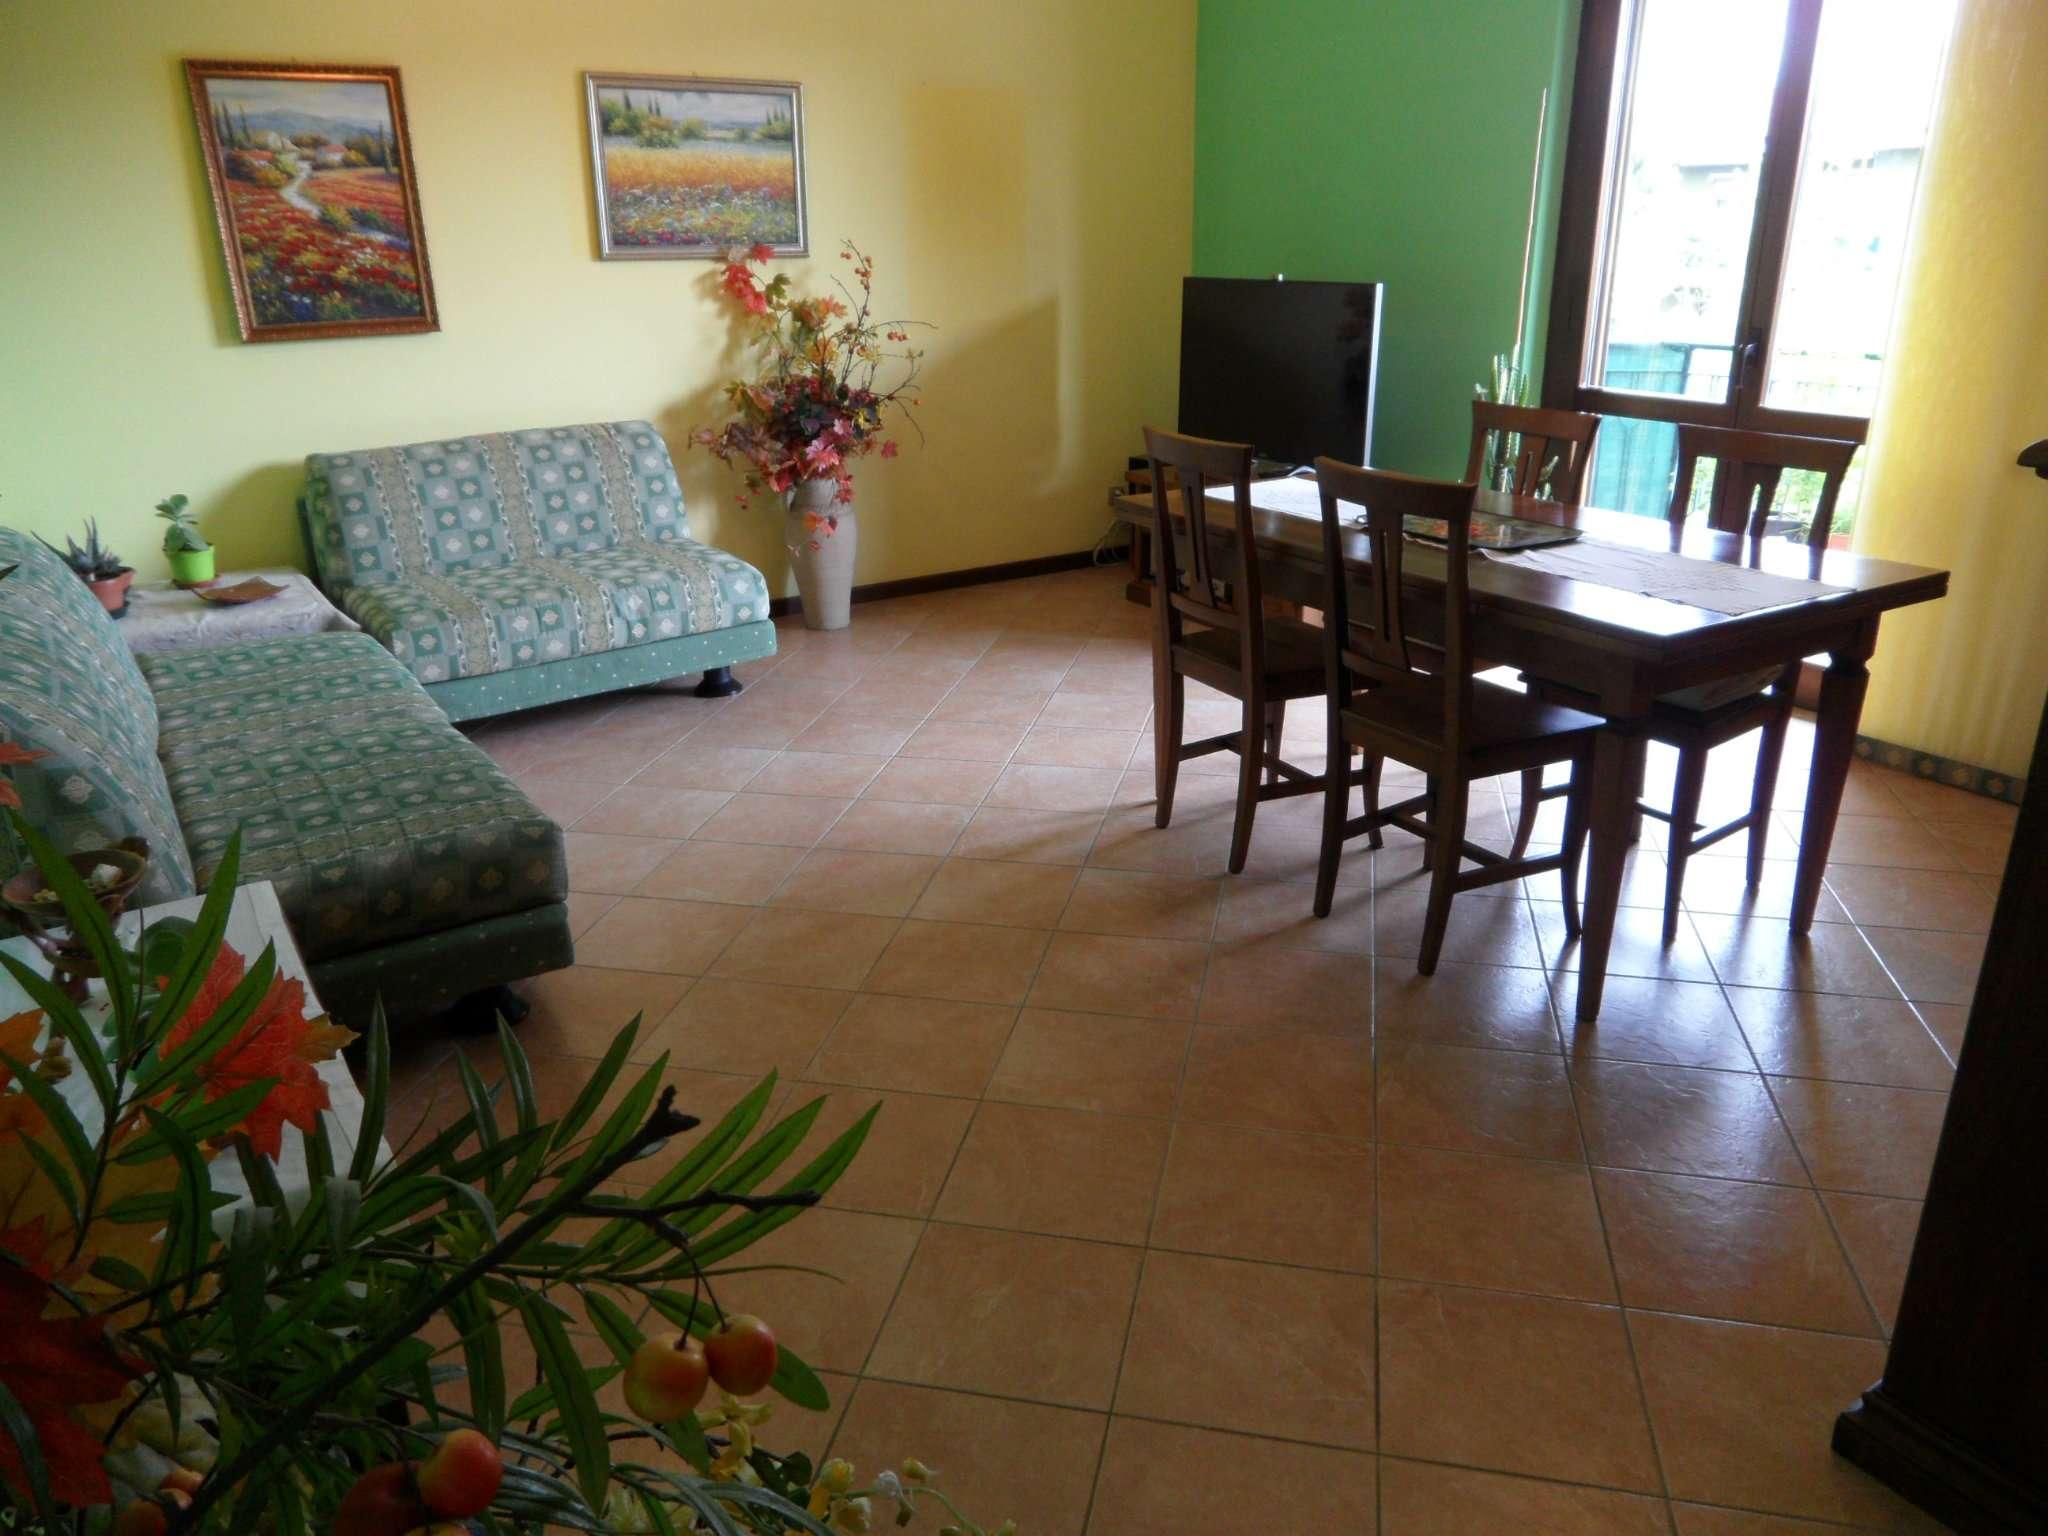 Appartamento in vendita a Grassobbio, 3 locali, prezzo € 133.000   Cambio Casa.it